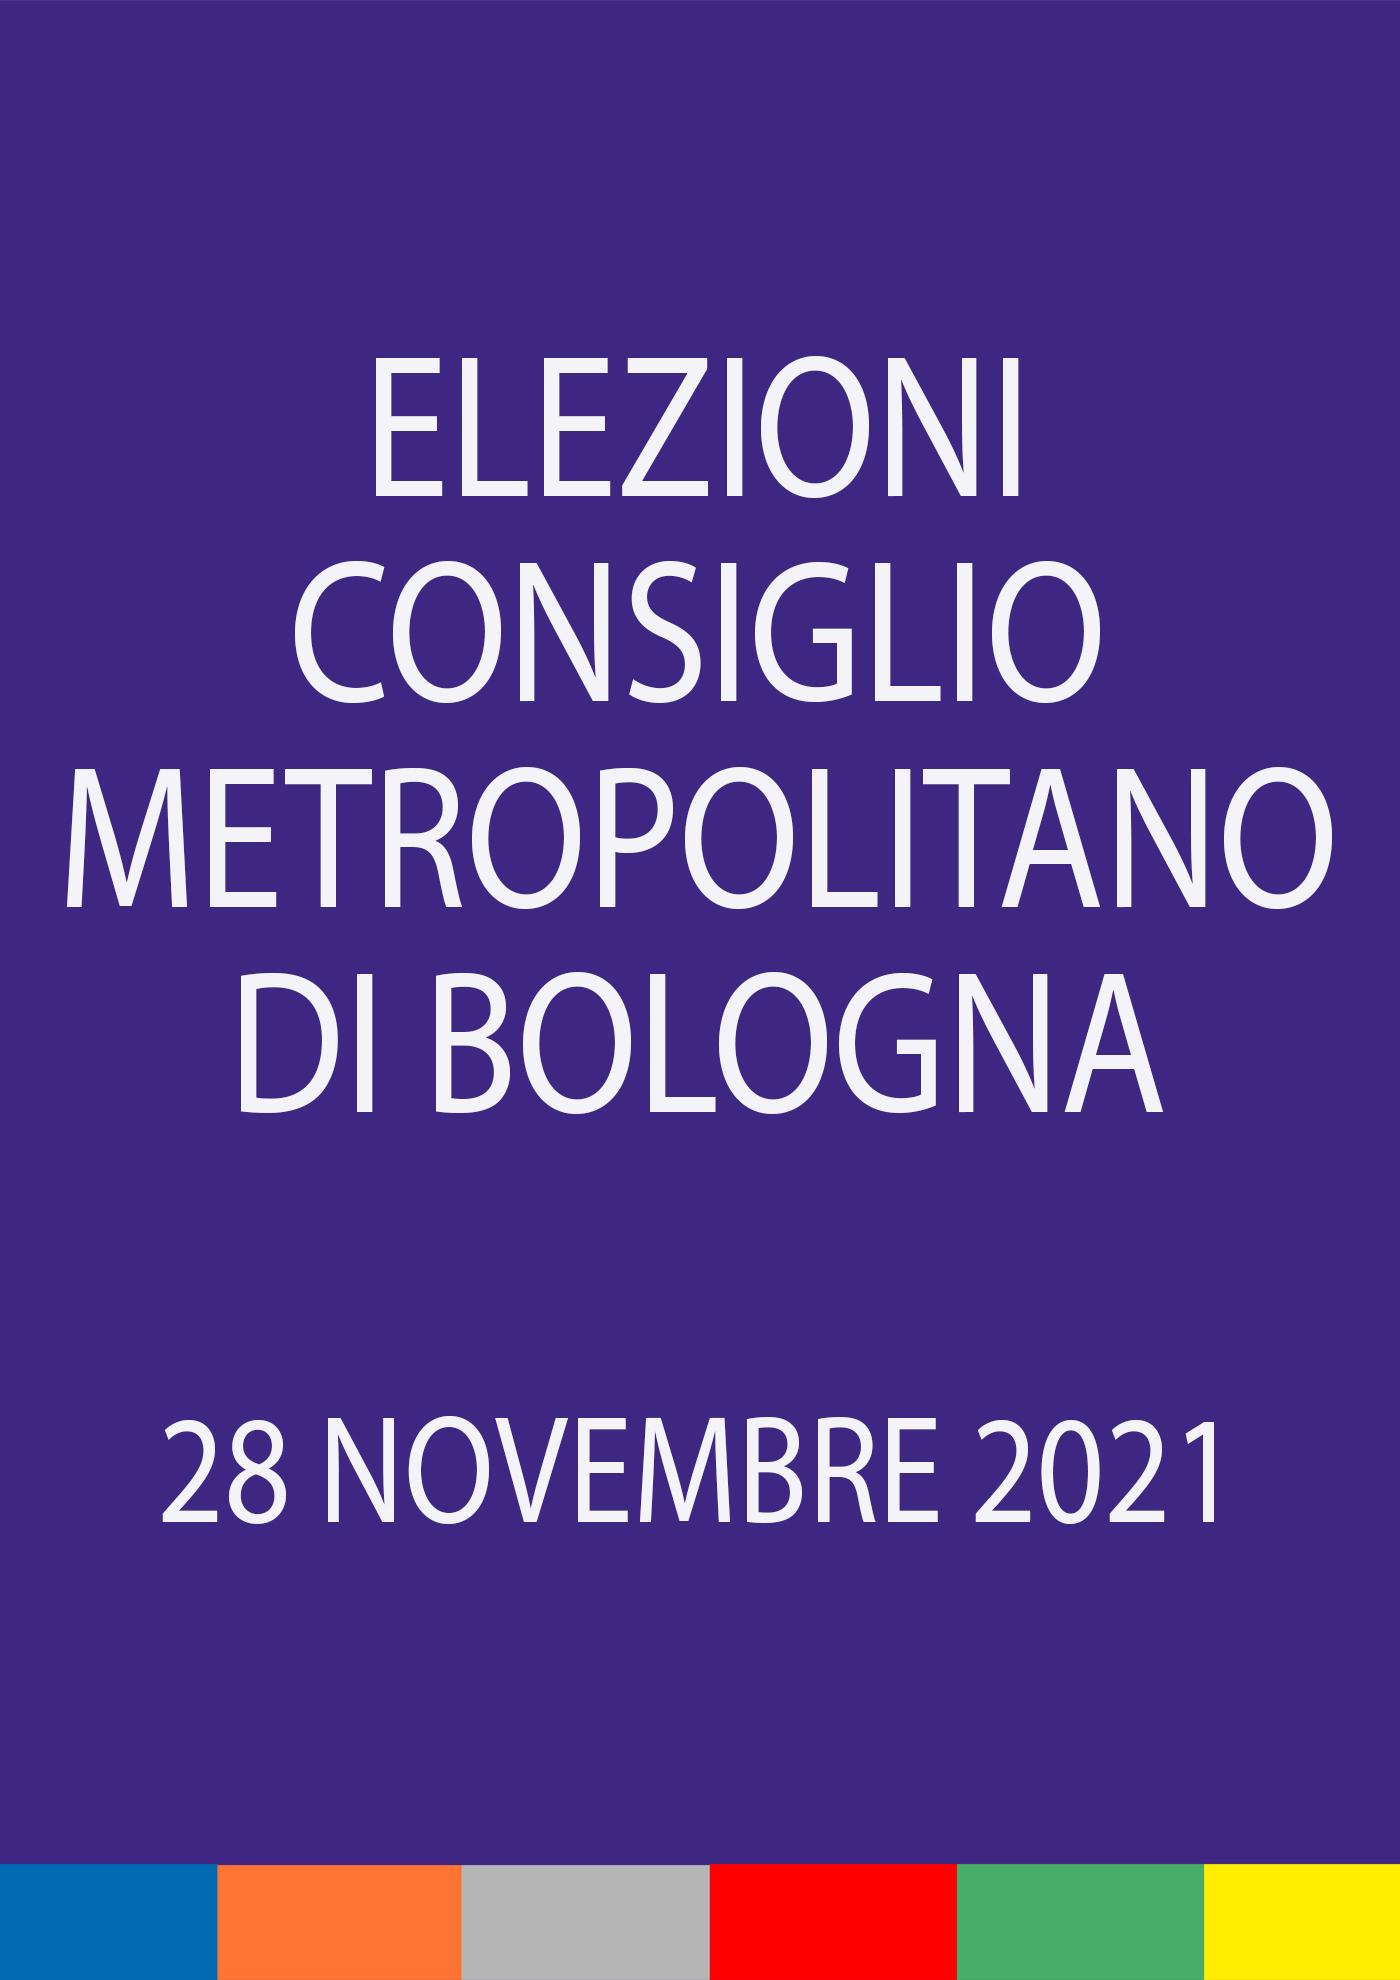 Elezioni del Consiglio metropolitano 2021